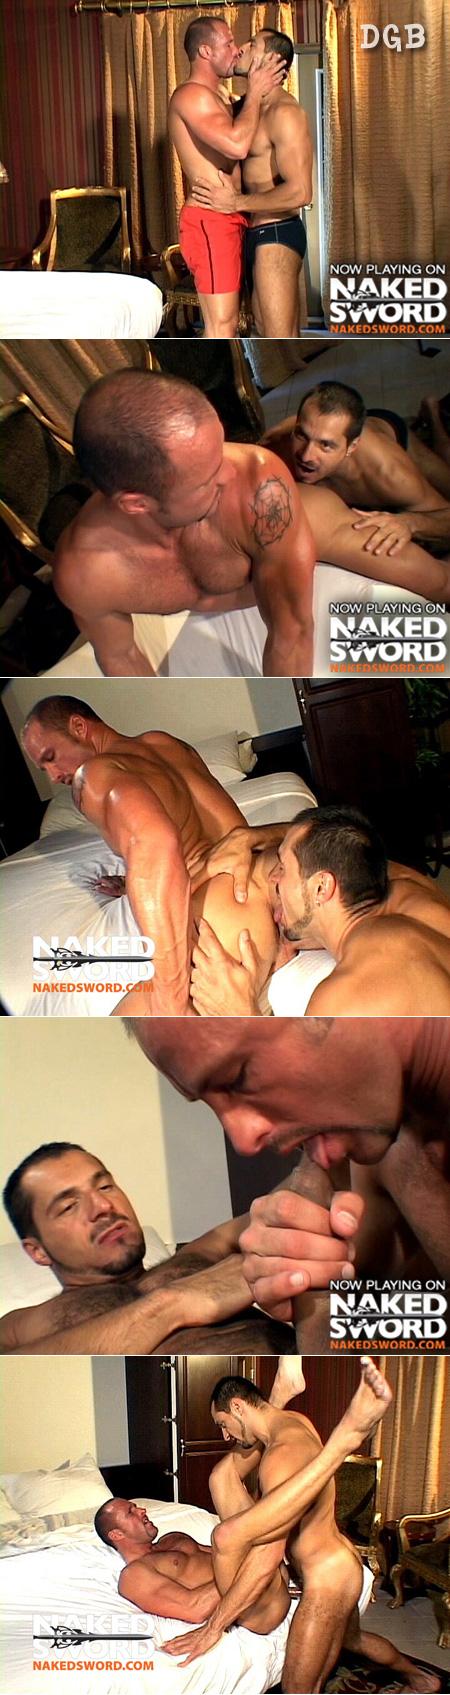 Gay escort washington dc